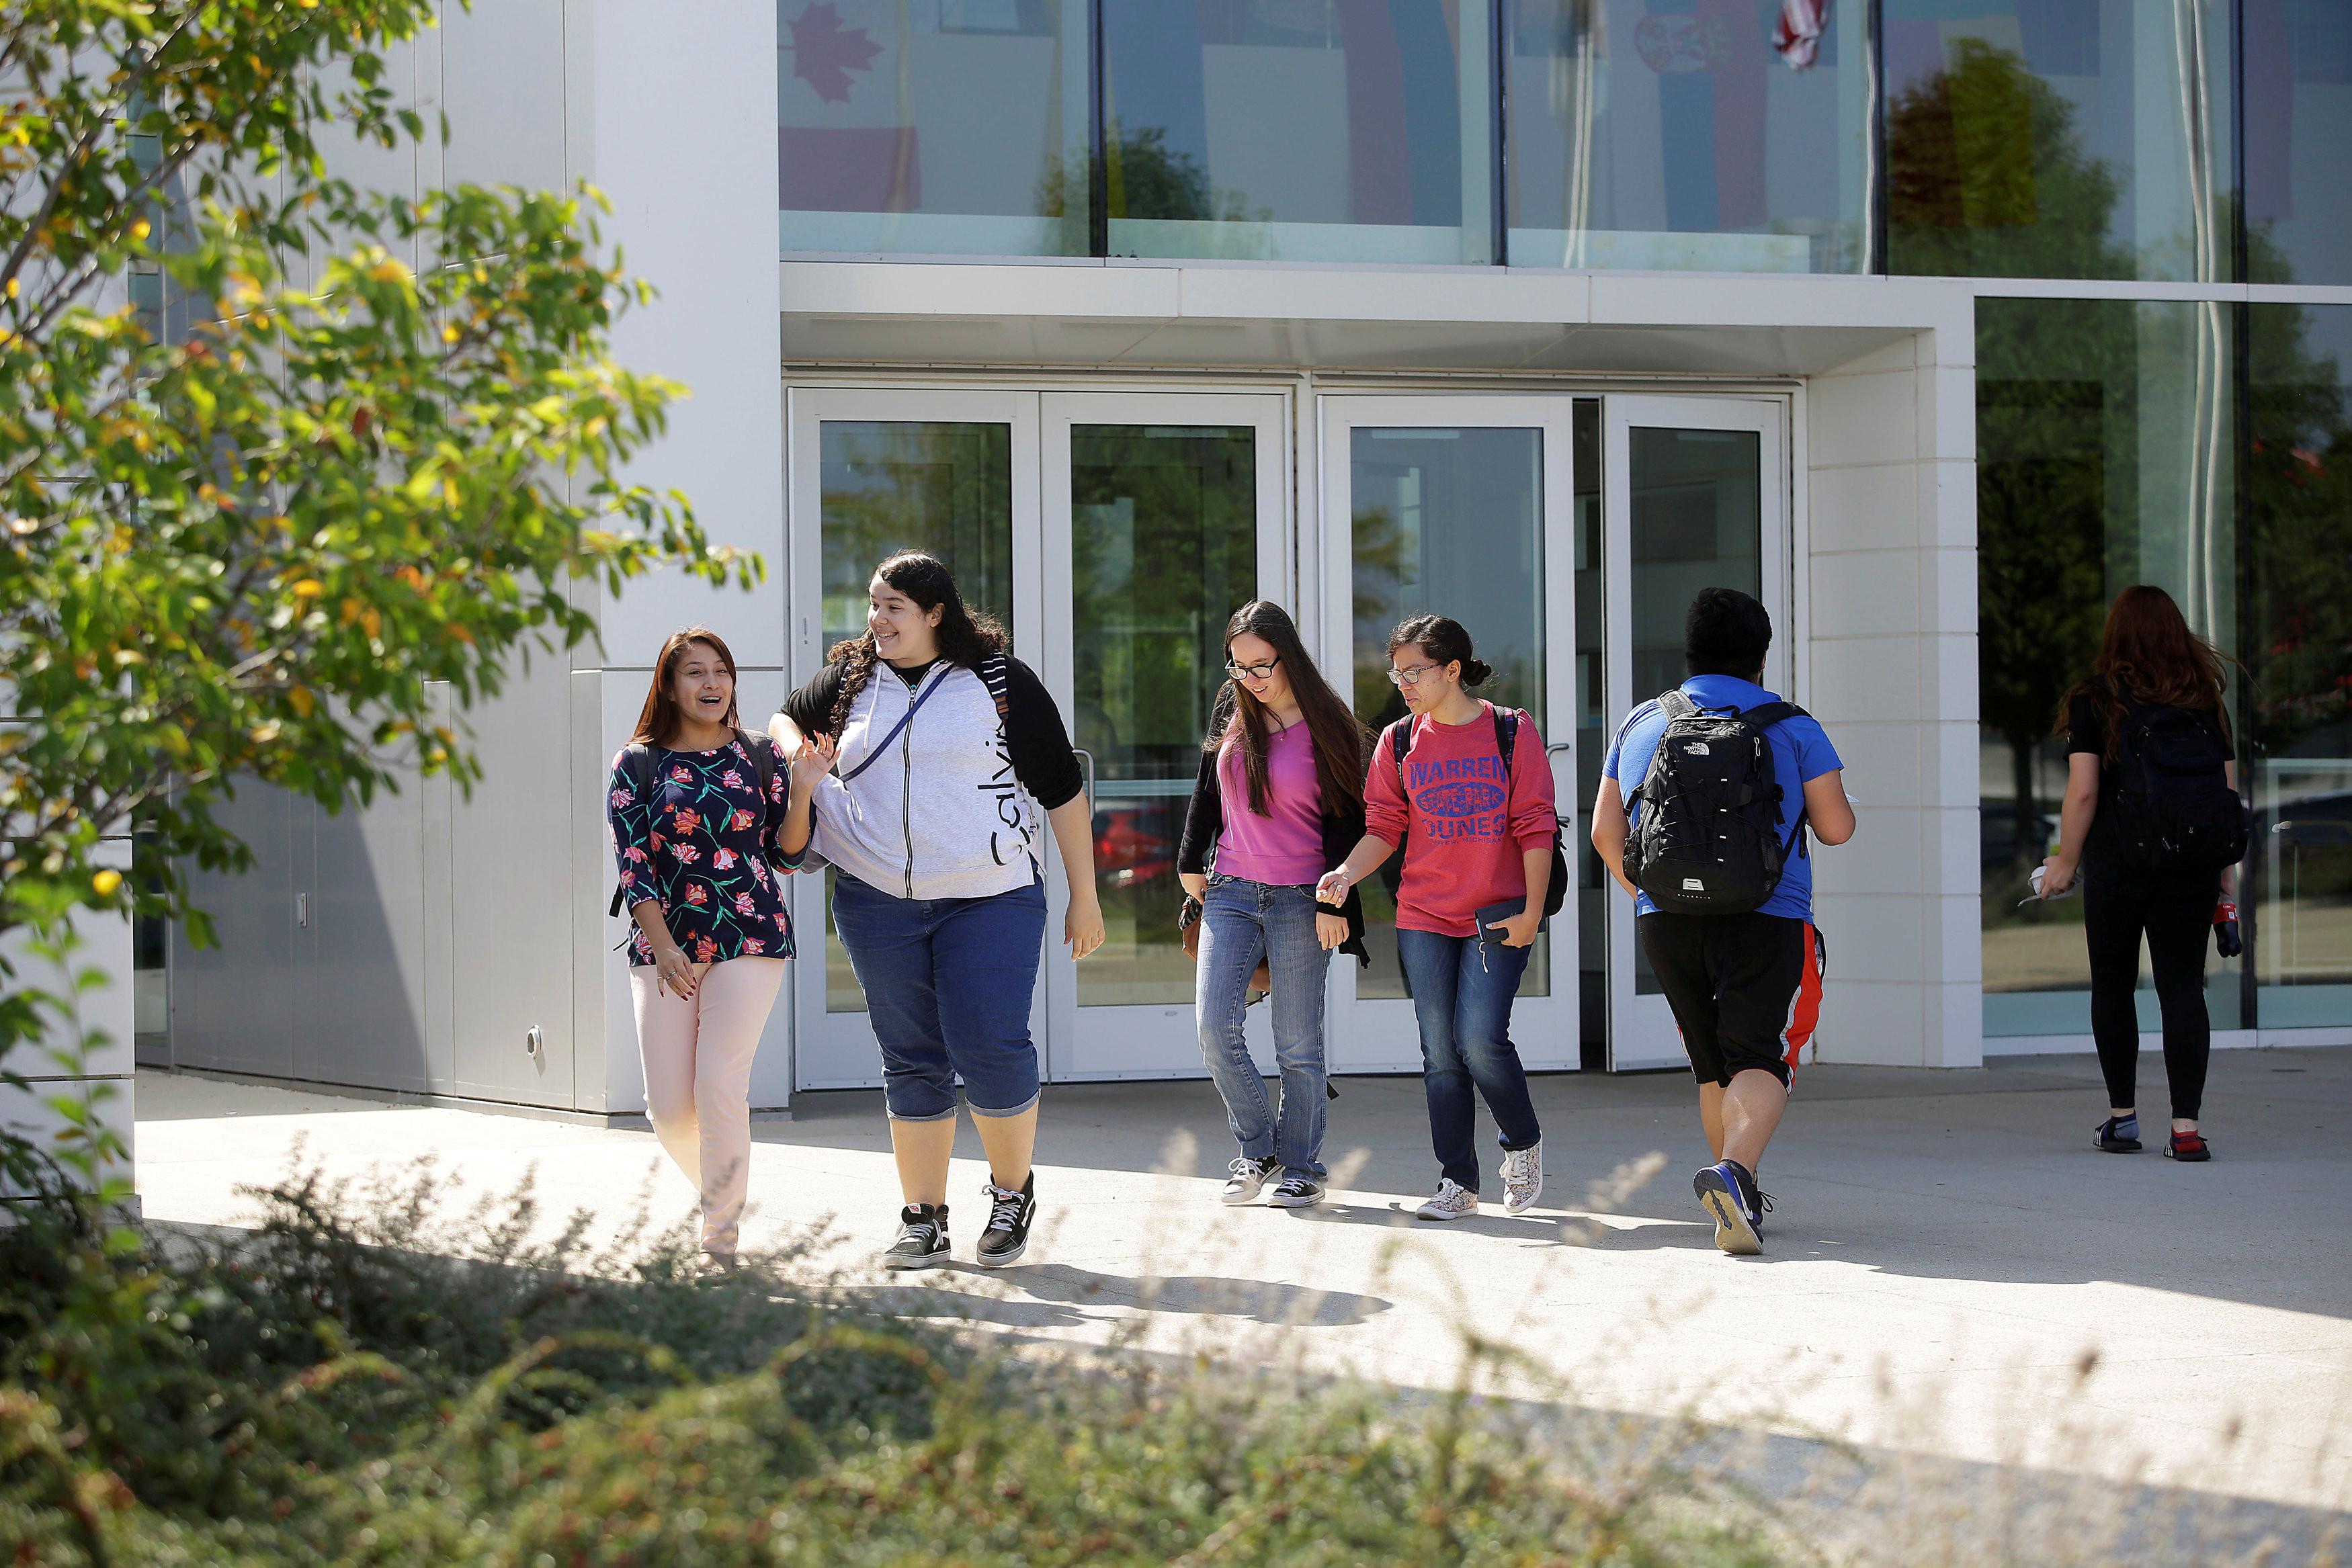 ▲▼美國政府正考慮對來自中國大陸的留學生實行更嚴厲的背景調查與限制。(圖/路透)